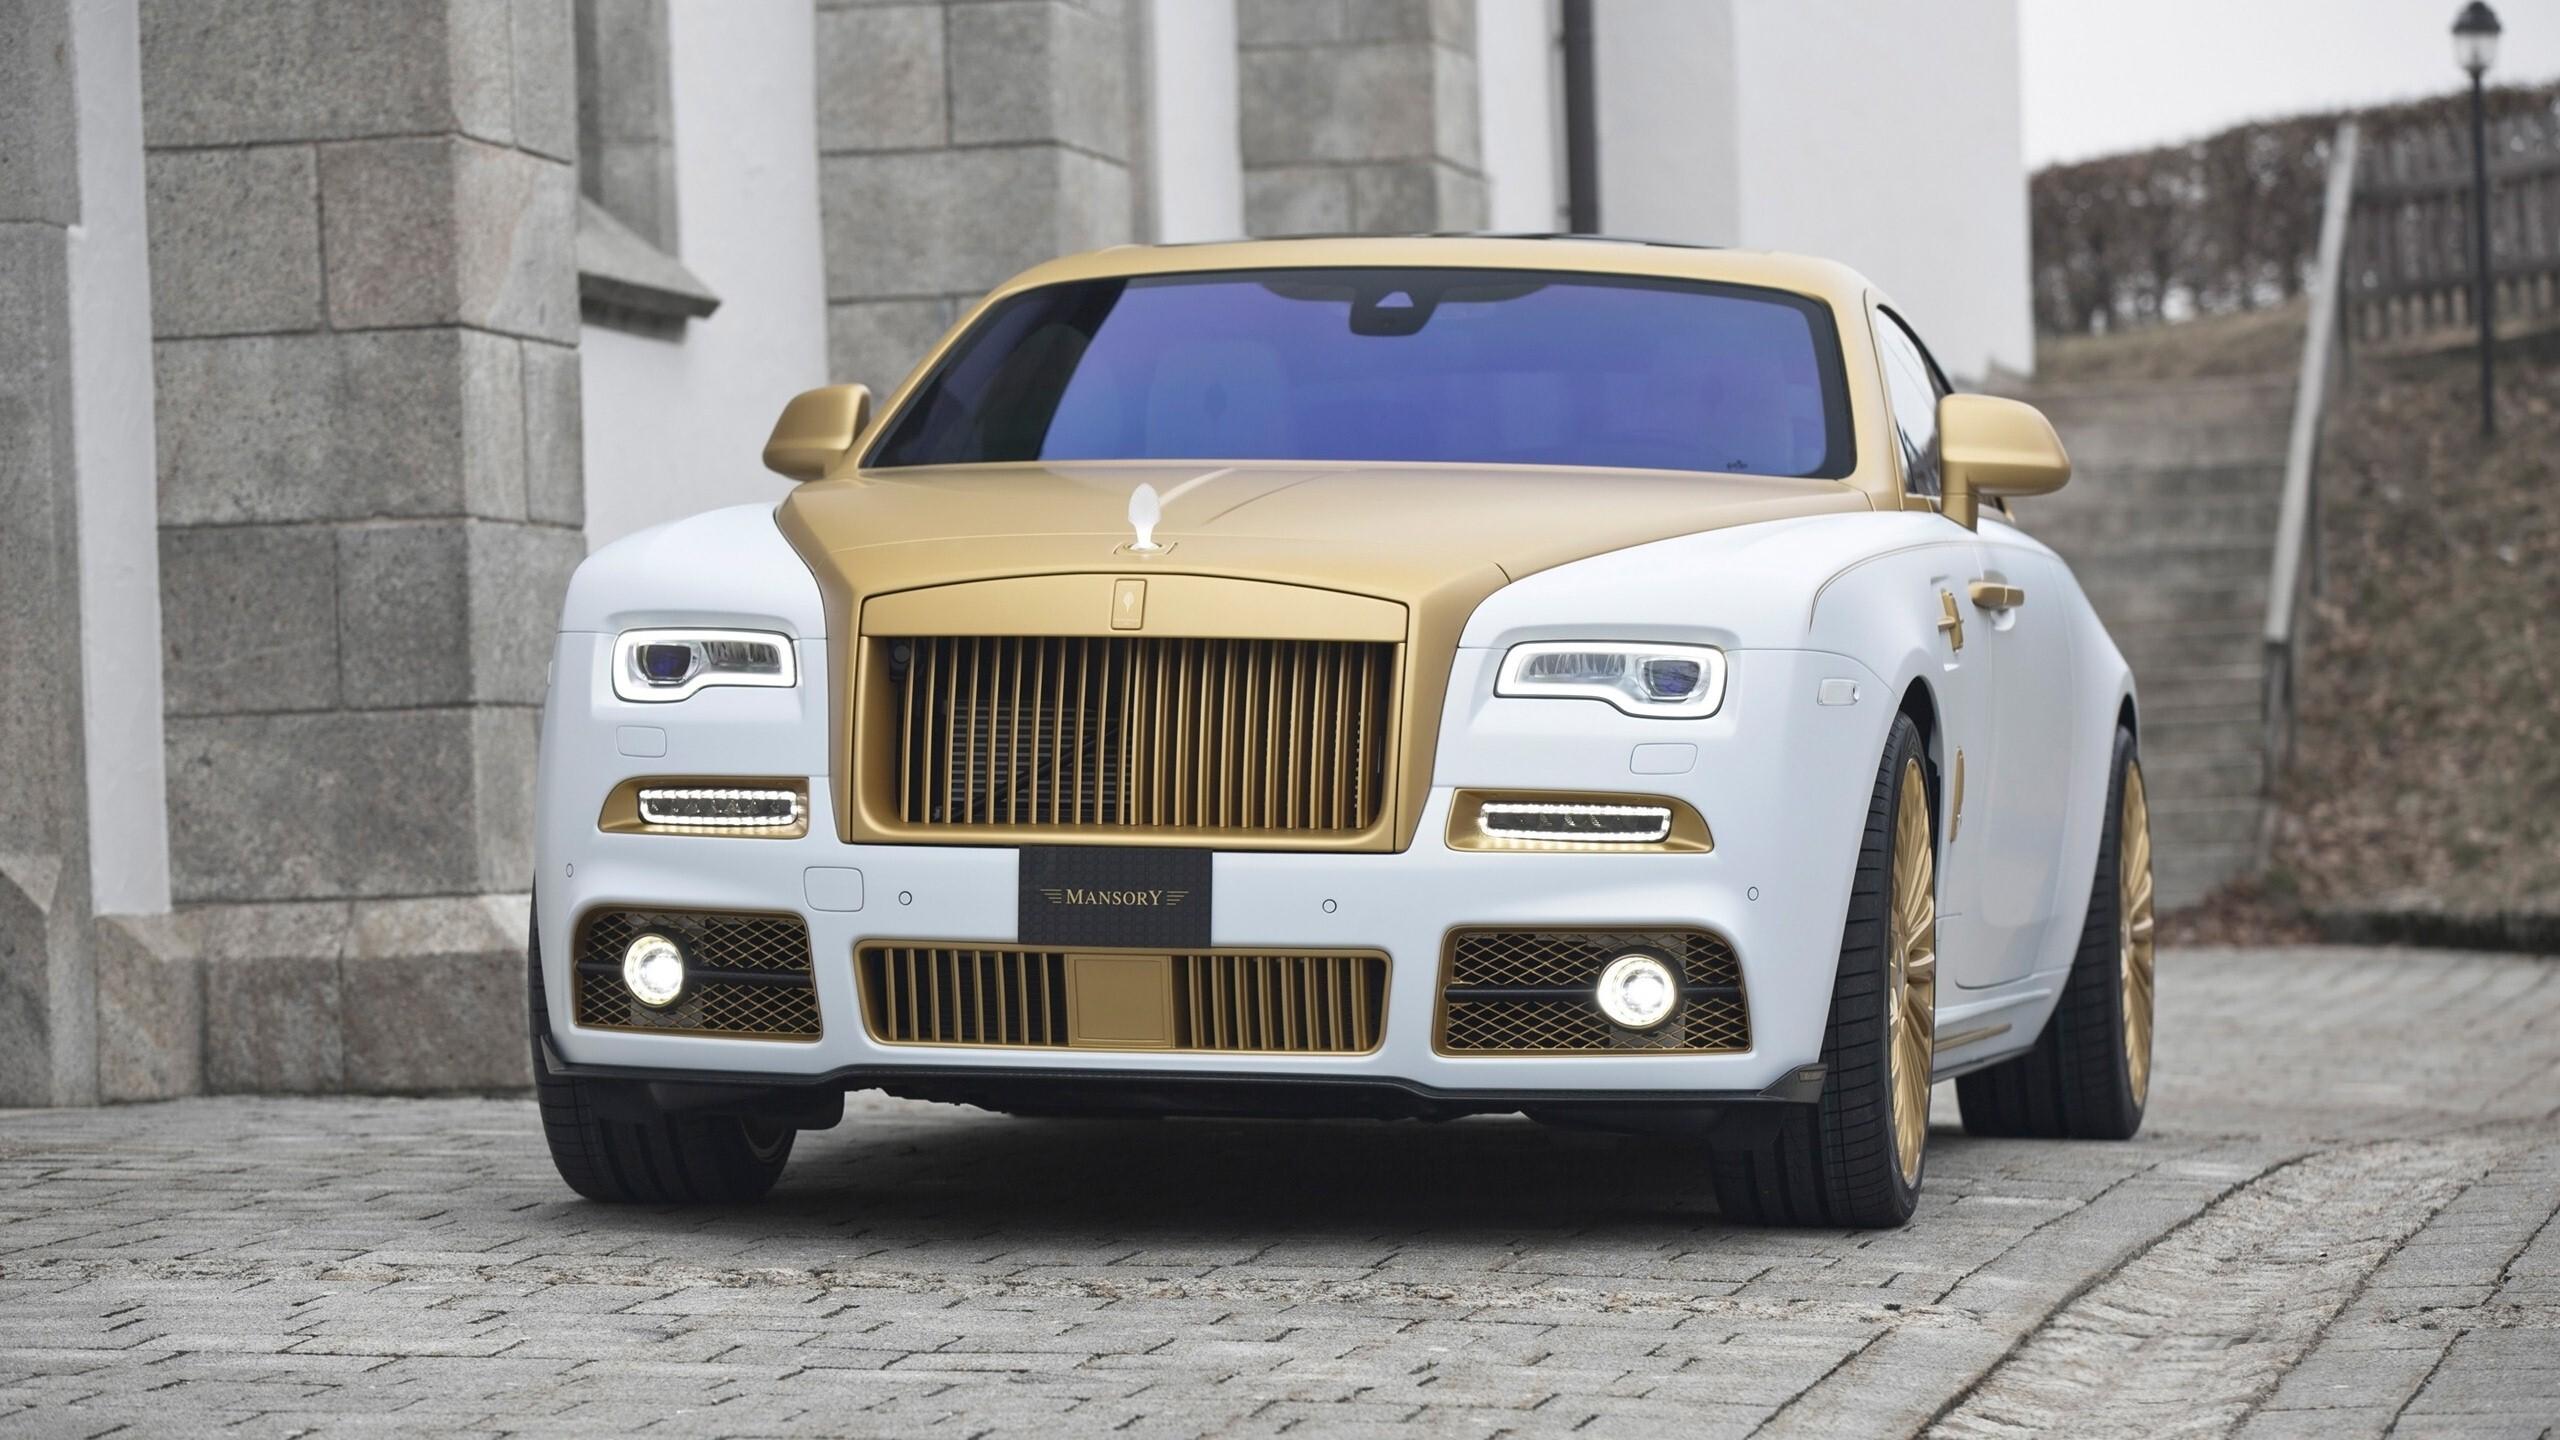 Mansory Rolls Royce Car Wallpaper Hd Wallpapers